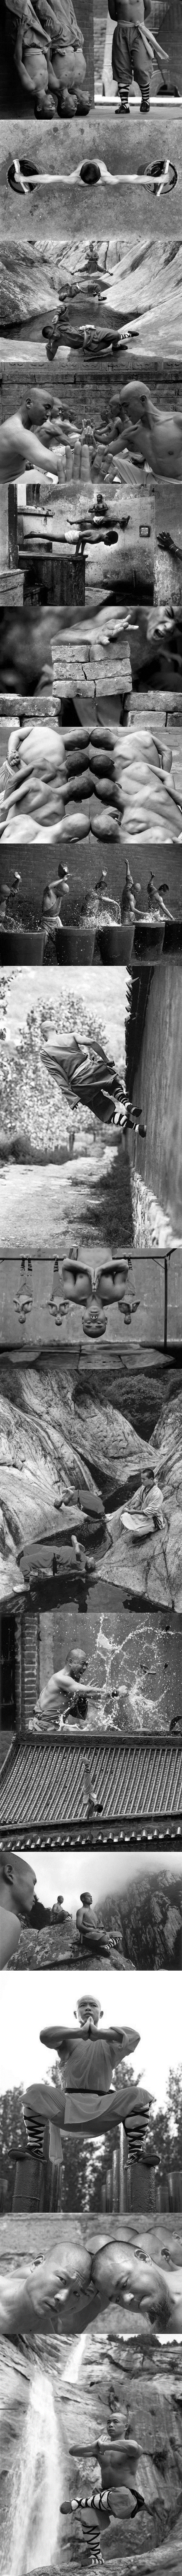 Тренировки Шаолиньских монахов2